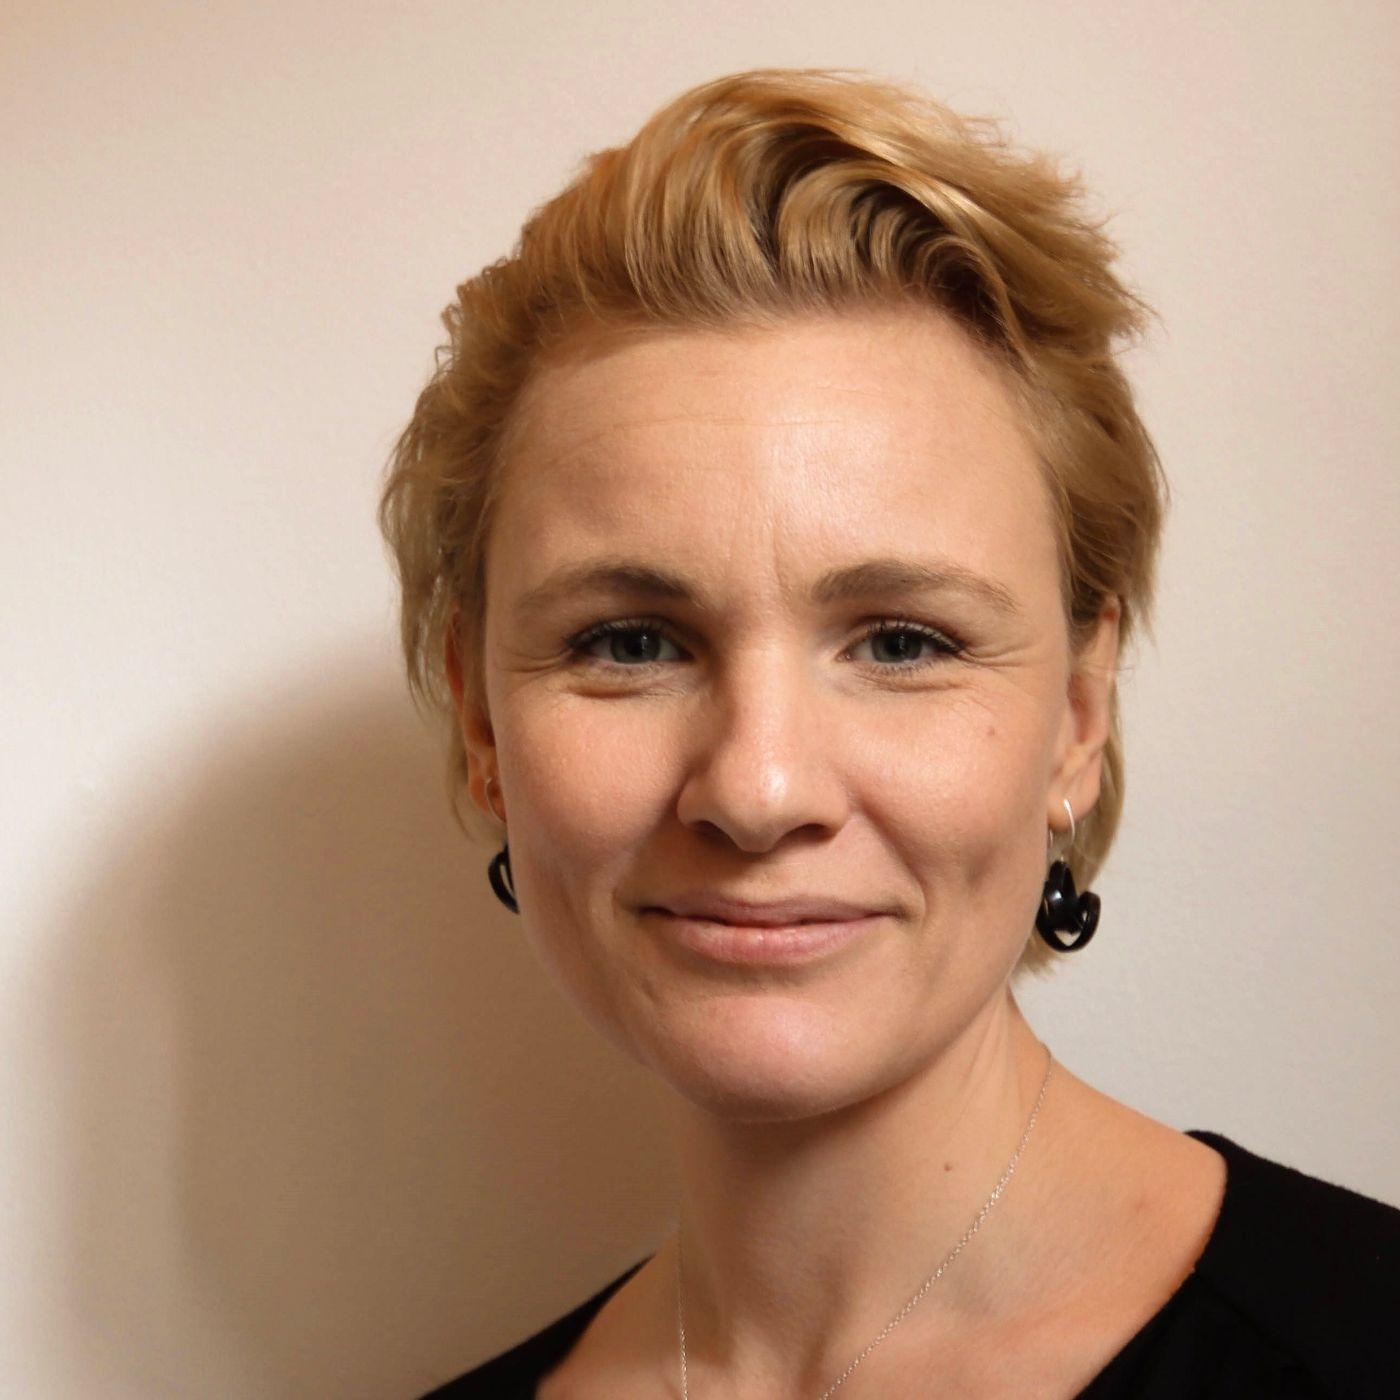 39, del 2: Psykoterapeutisk integration af psykedeliske oplevelser - Med Rebecca Russell